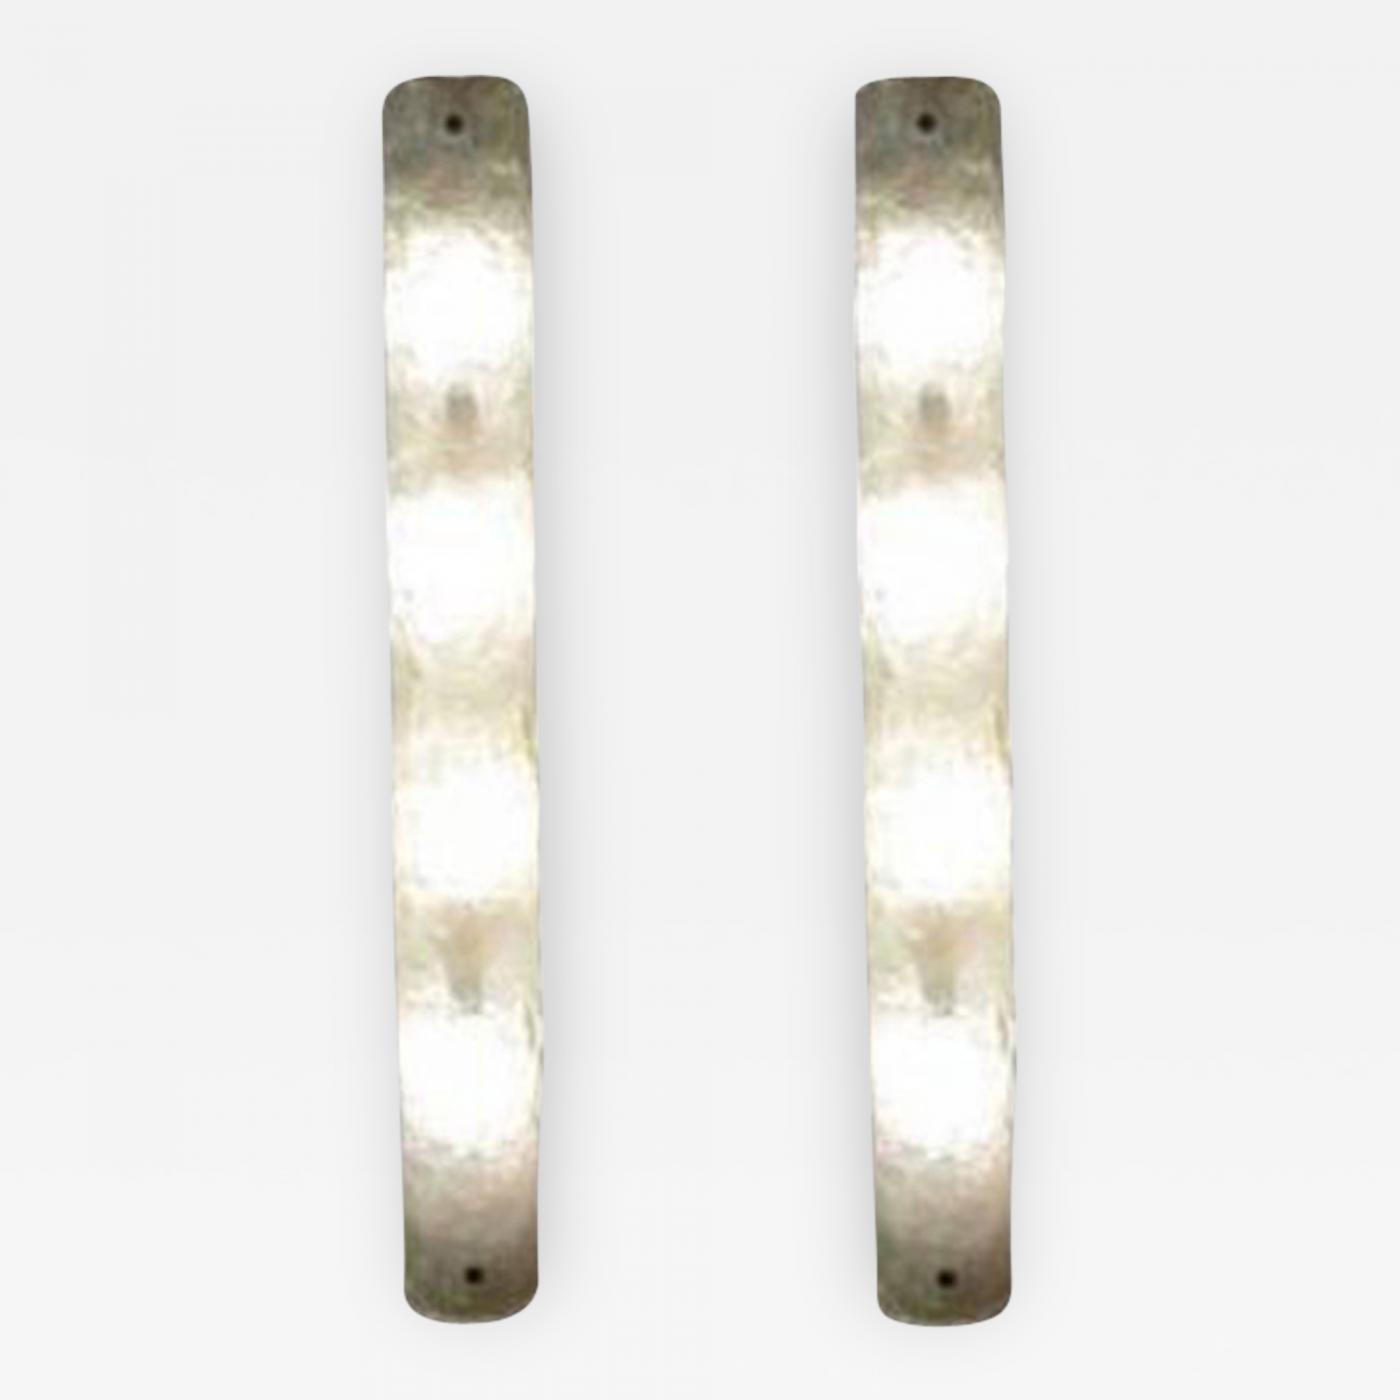 A. V. Mazzega - A Pair of Long Four Light Murano Glass Wall Sconces by Mazzega